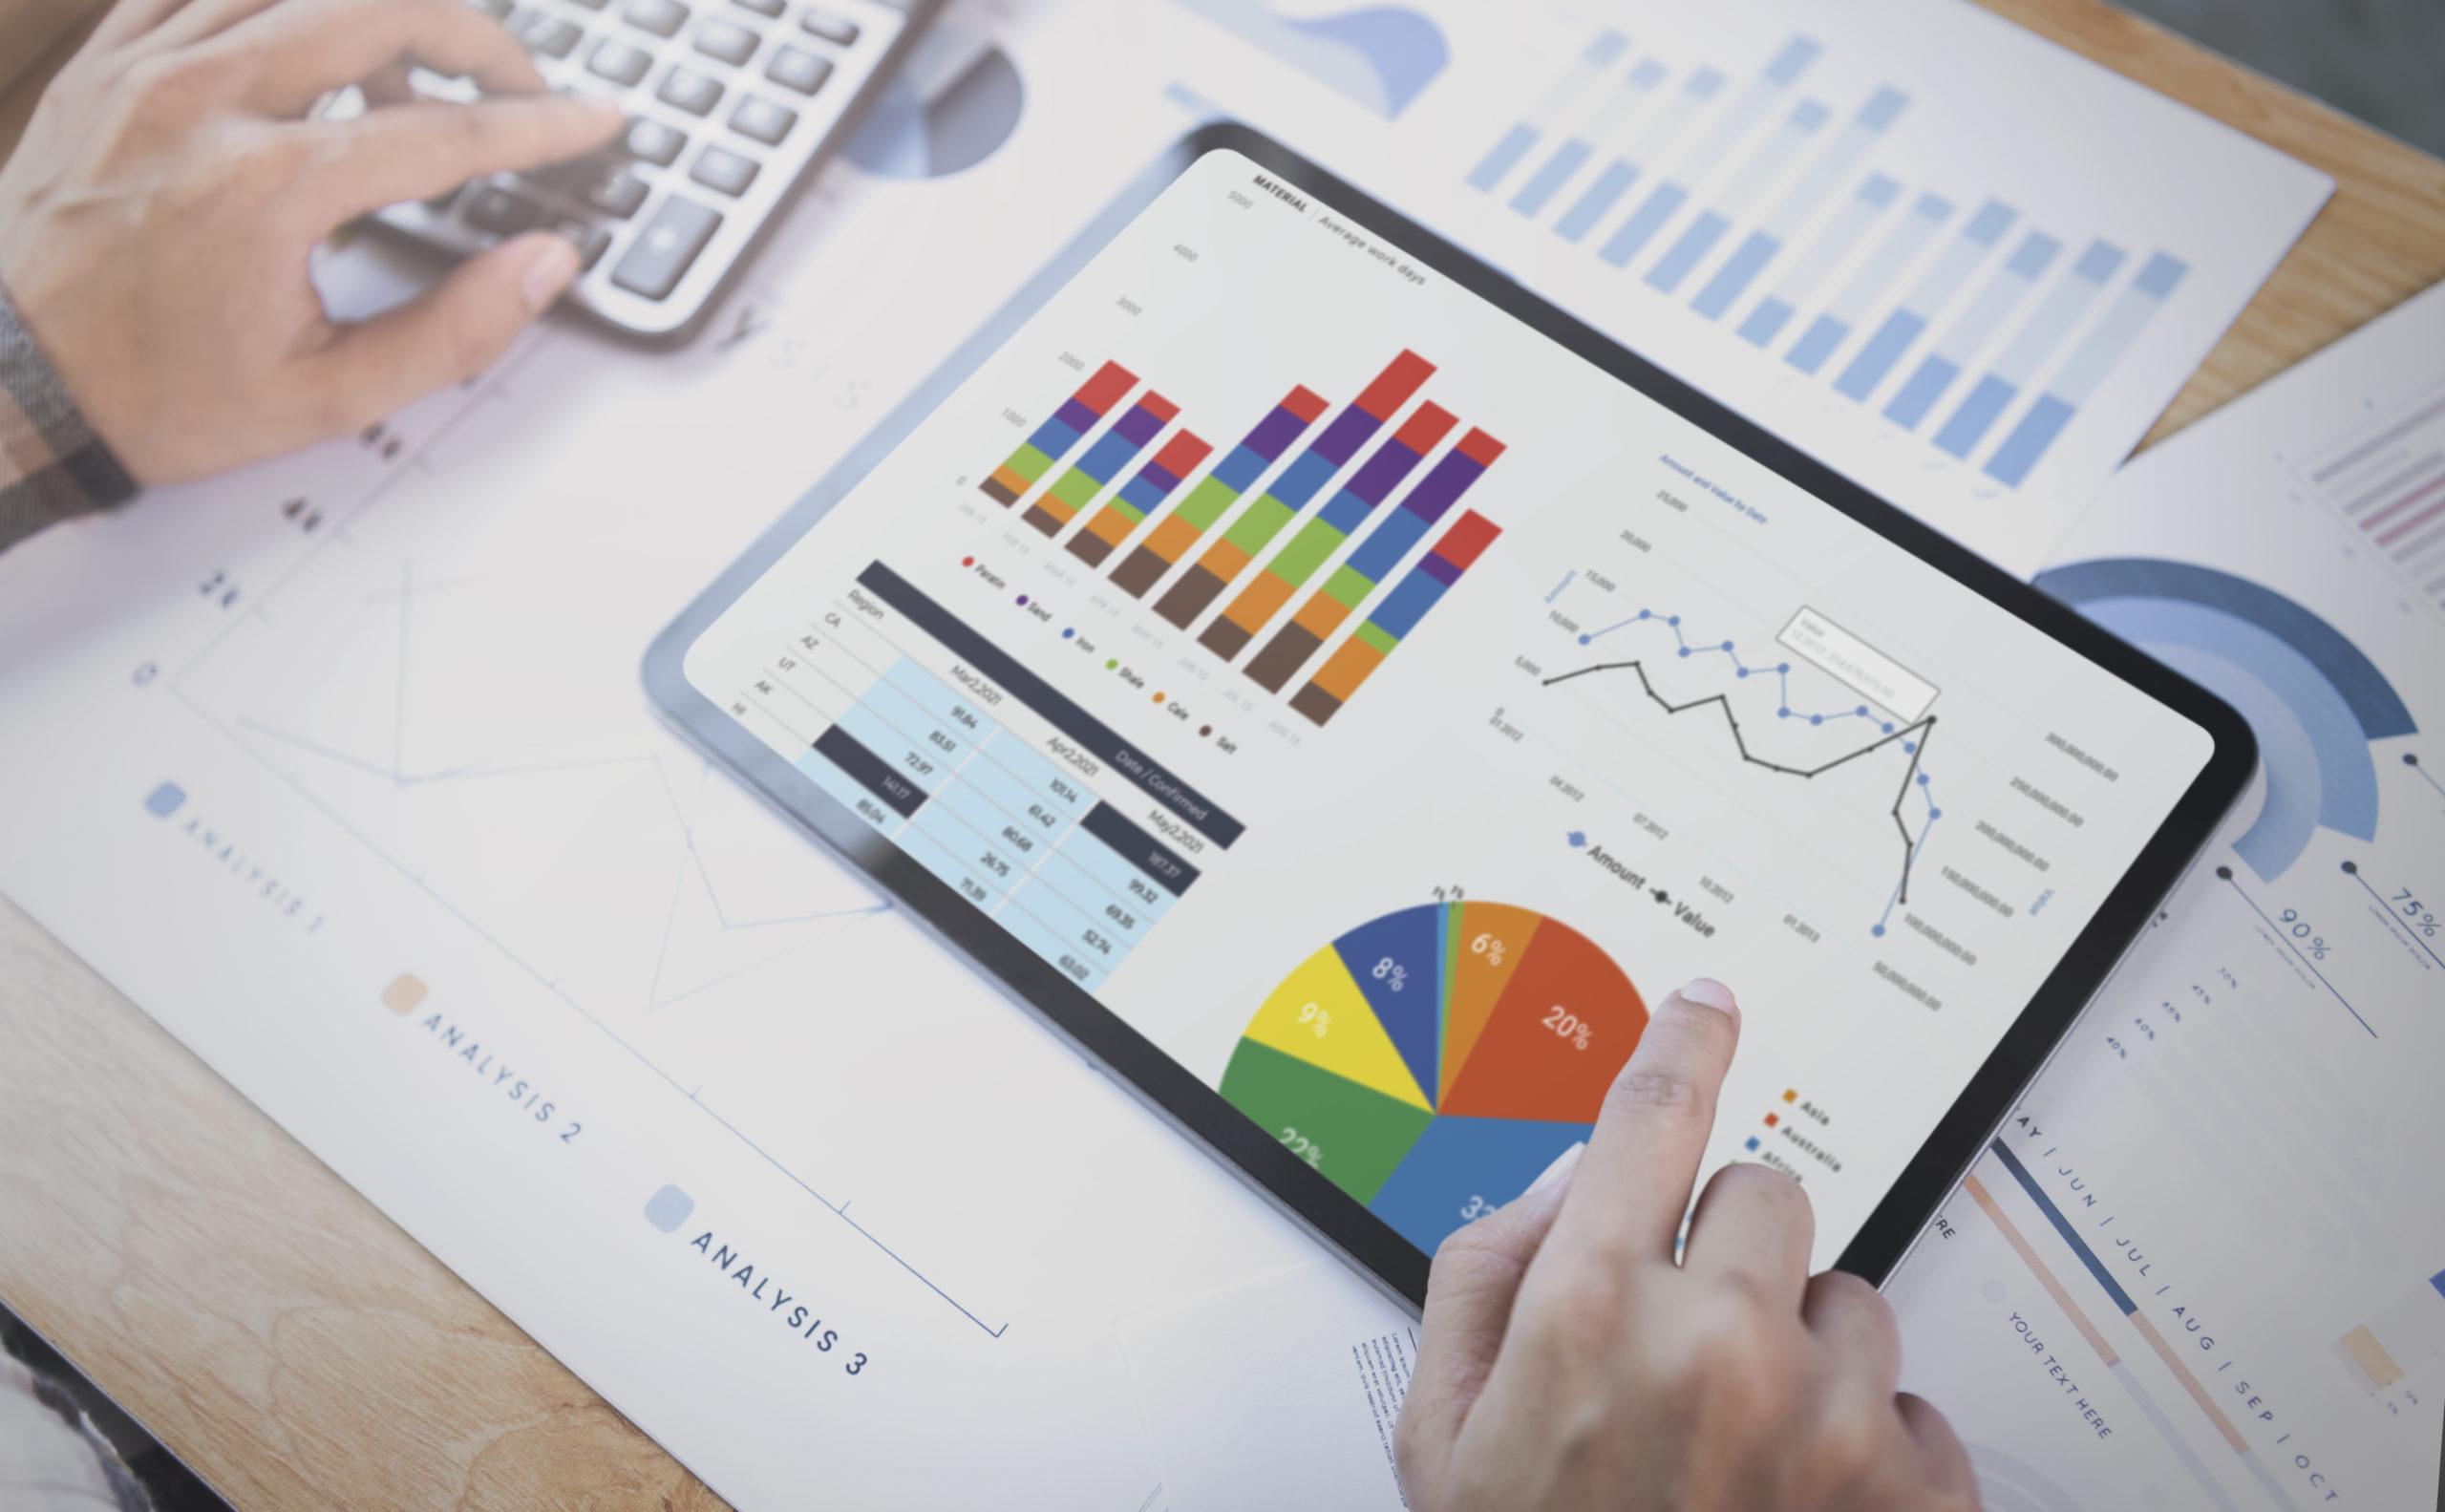 Chiến lược tài chính dành cho doanh nghiệp vừa và nhỏ